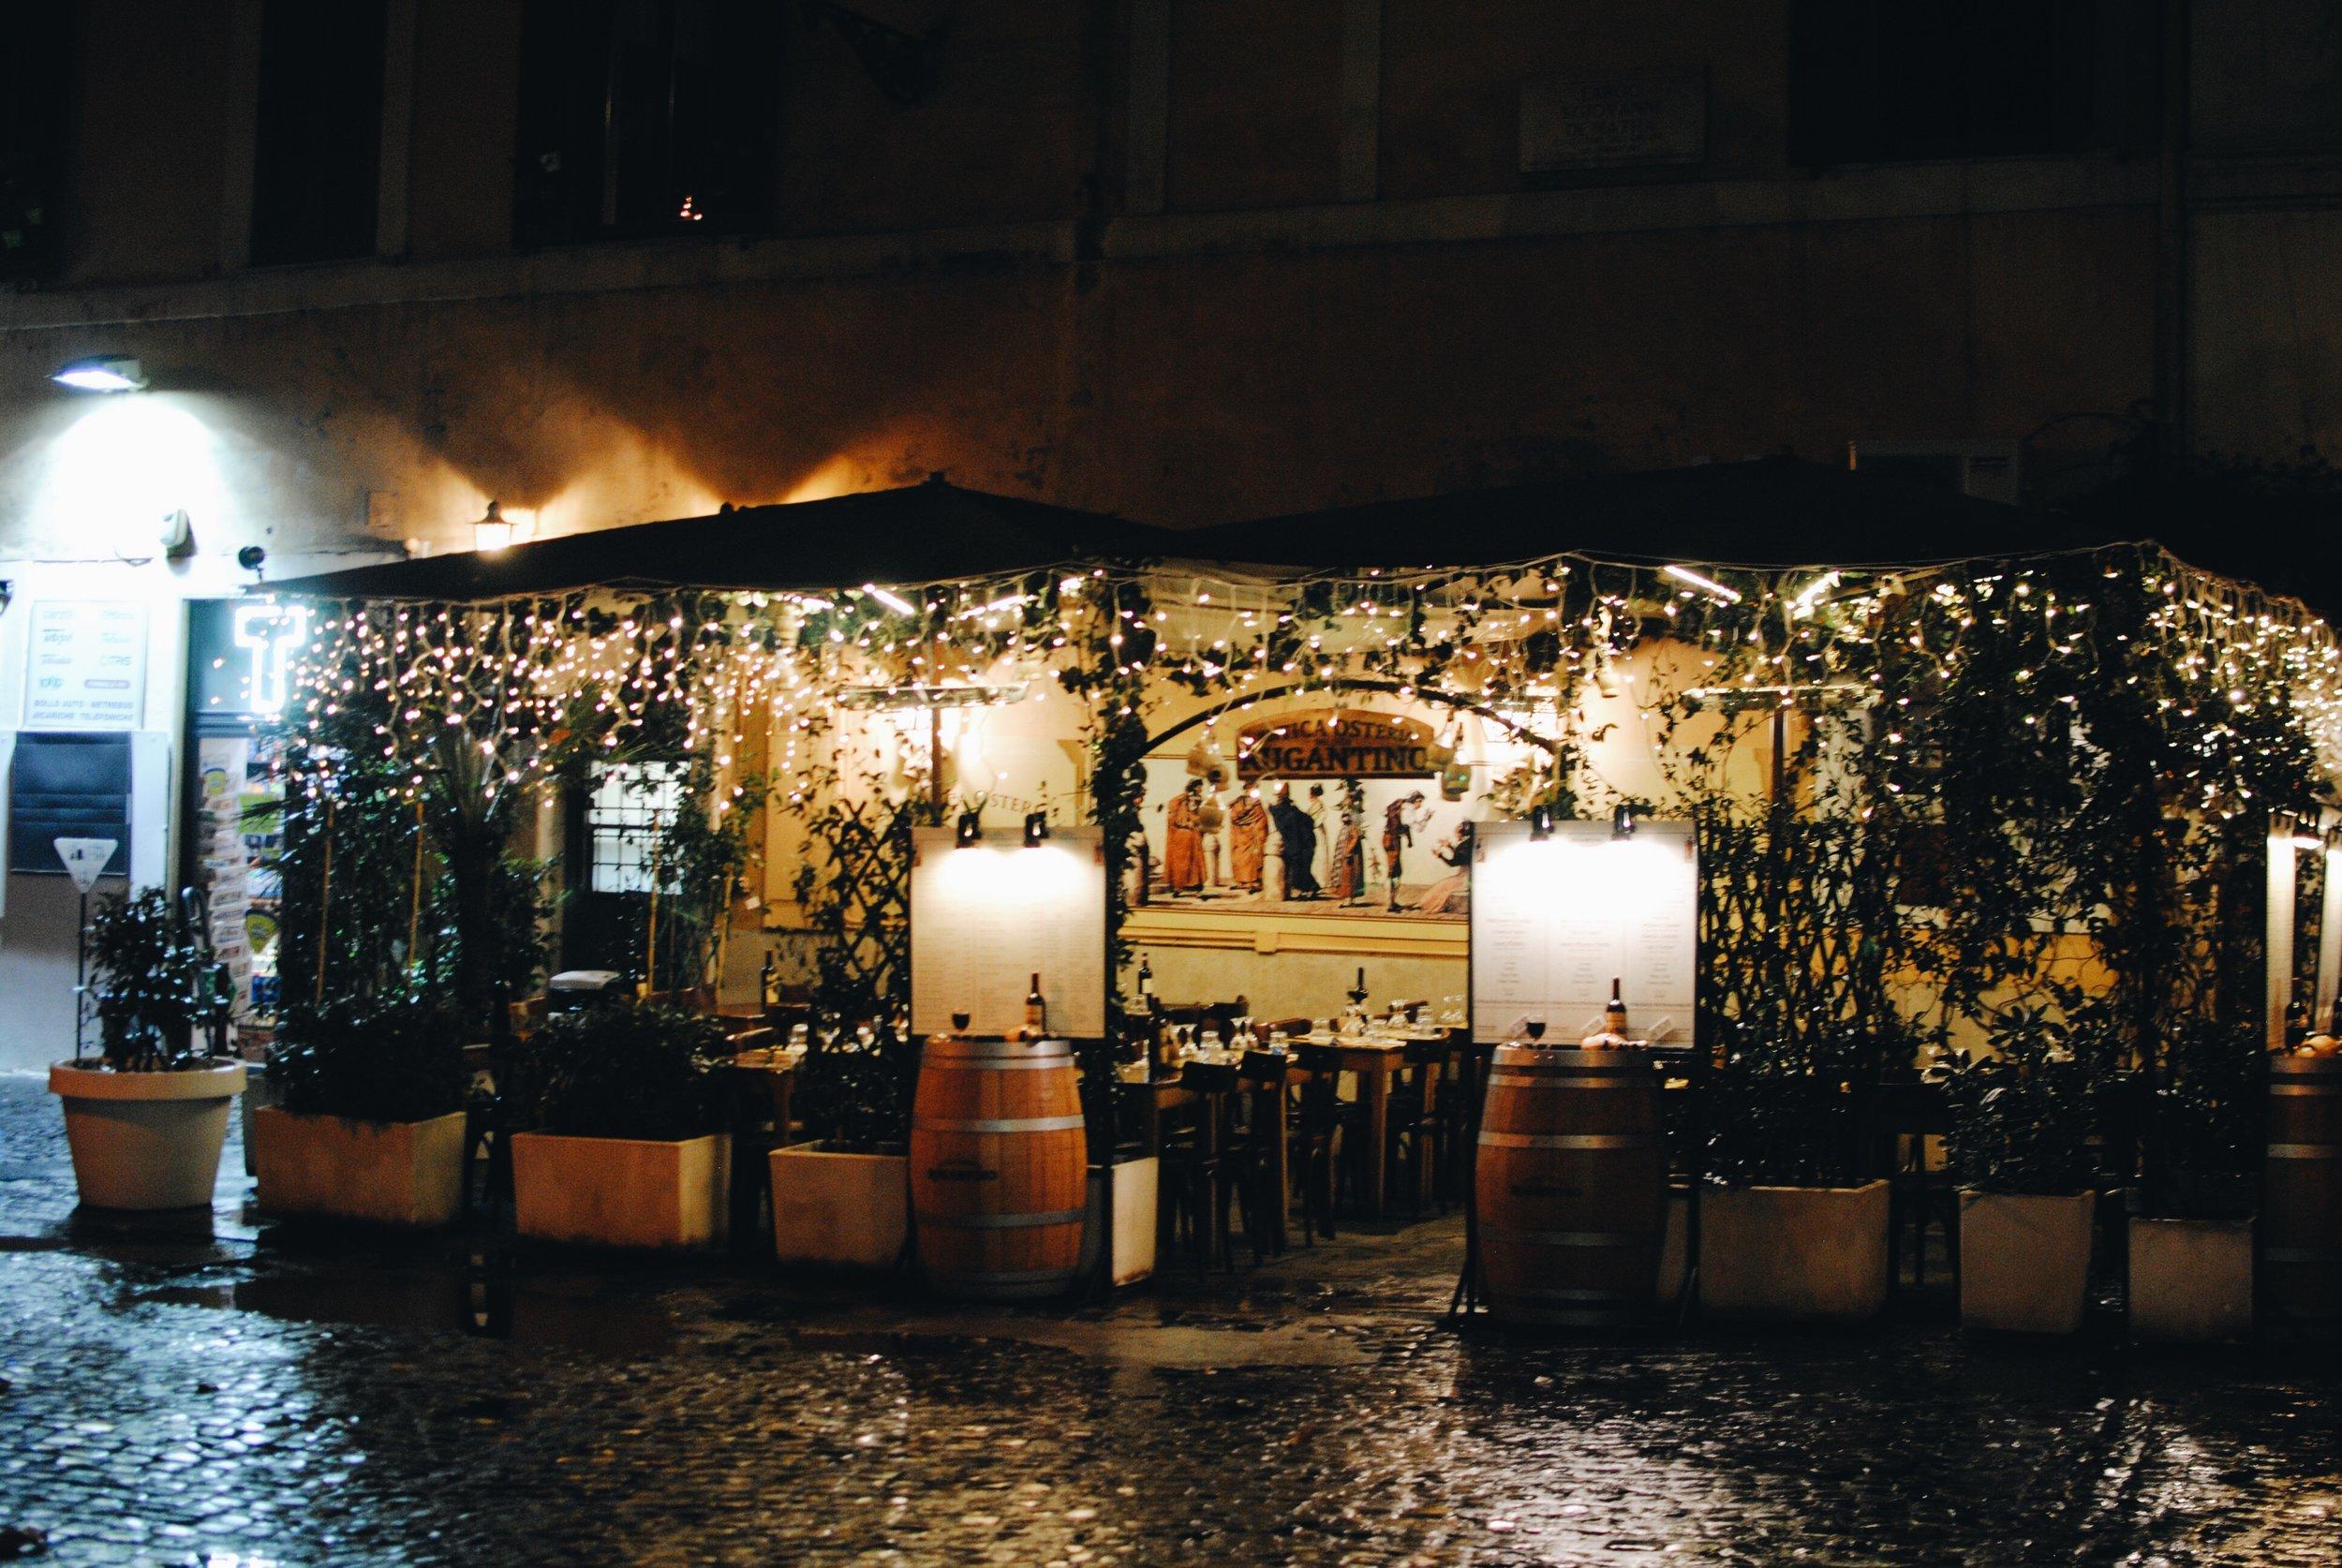 Trastevere: little neighborhood restaurants